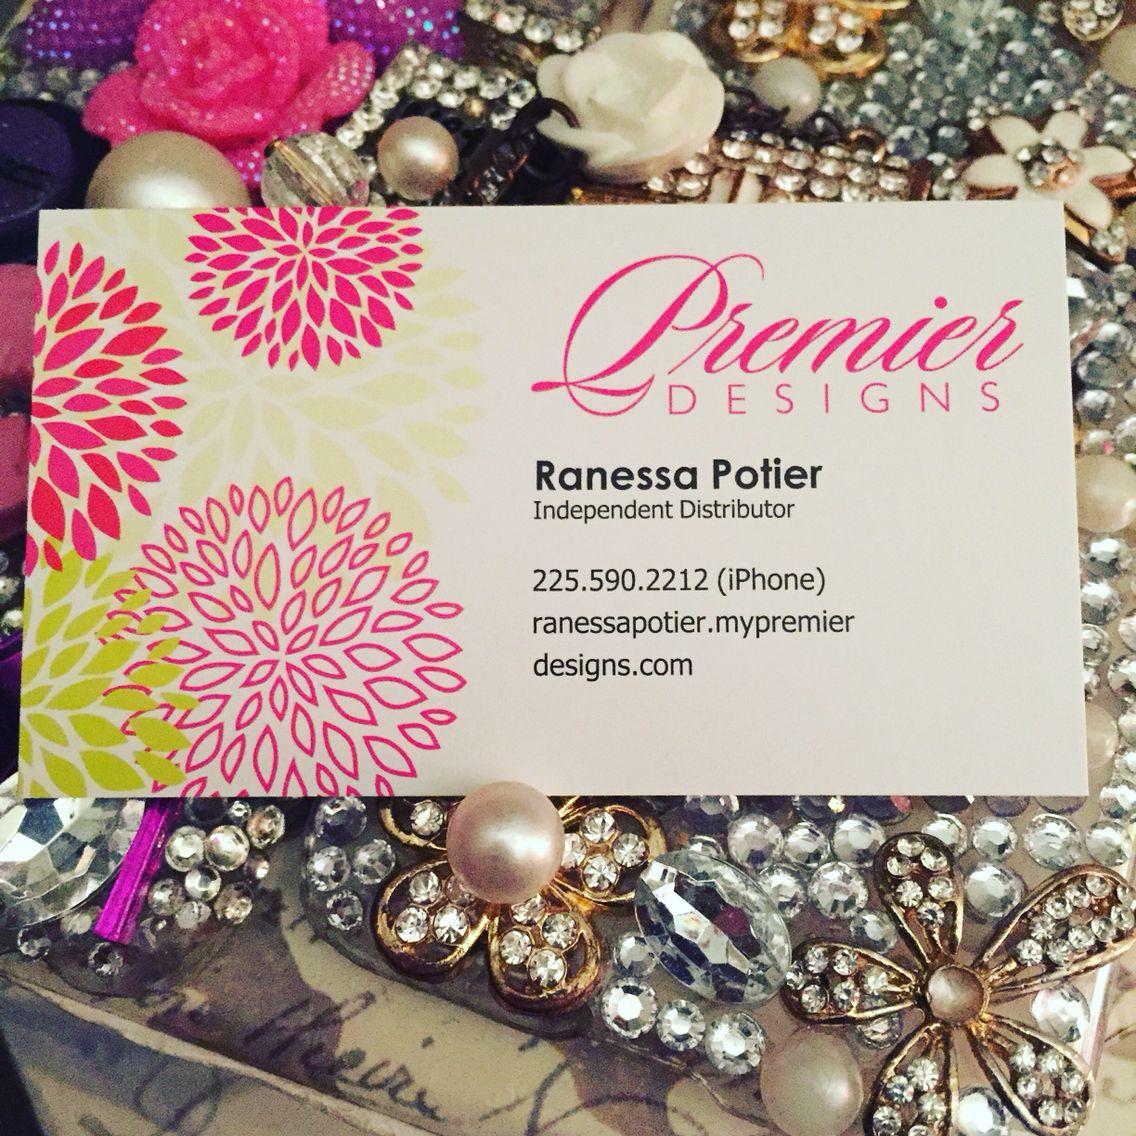 Business cards premier designs pinterest business cards colourmoves